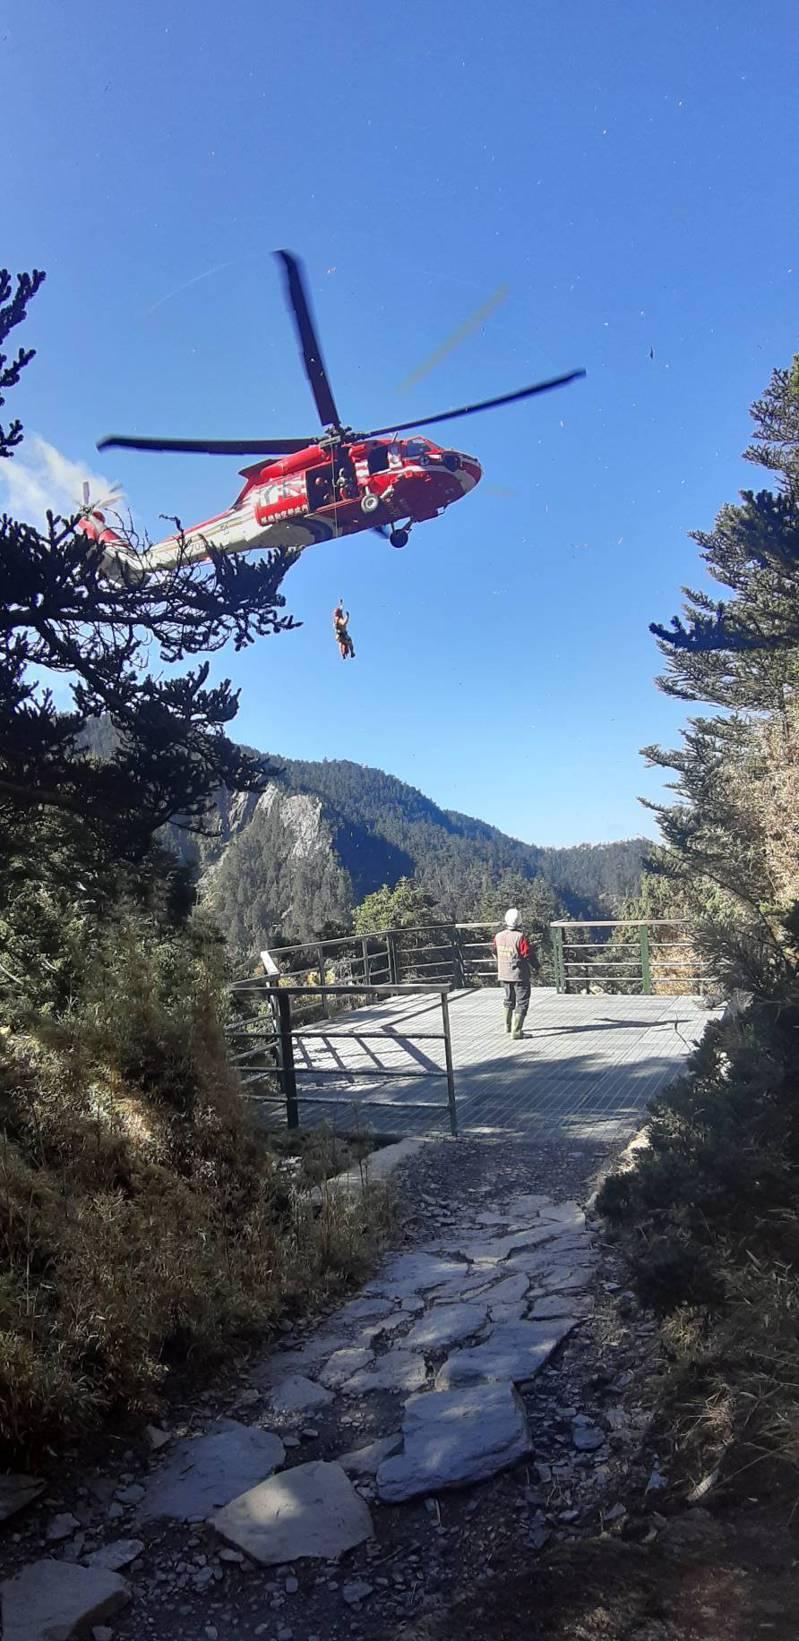 陳姓登山客攀登玉山主峰前突因關節疼痛難行,上午在黑鷹直升機救護下山送醫。圖/空勤總隊提供